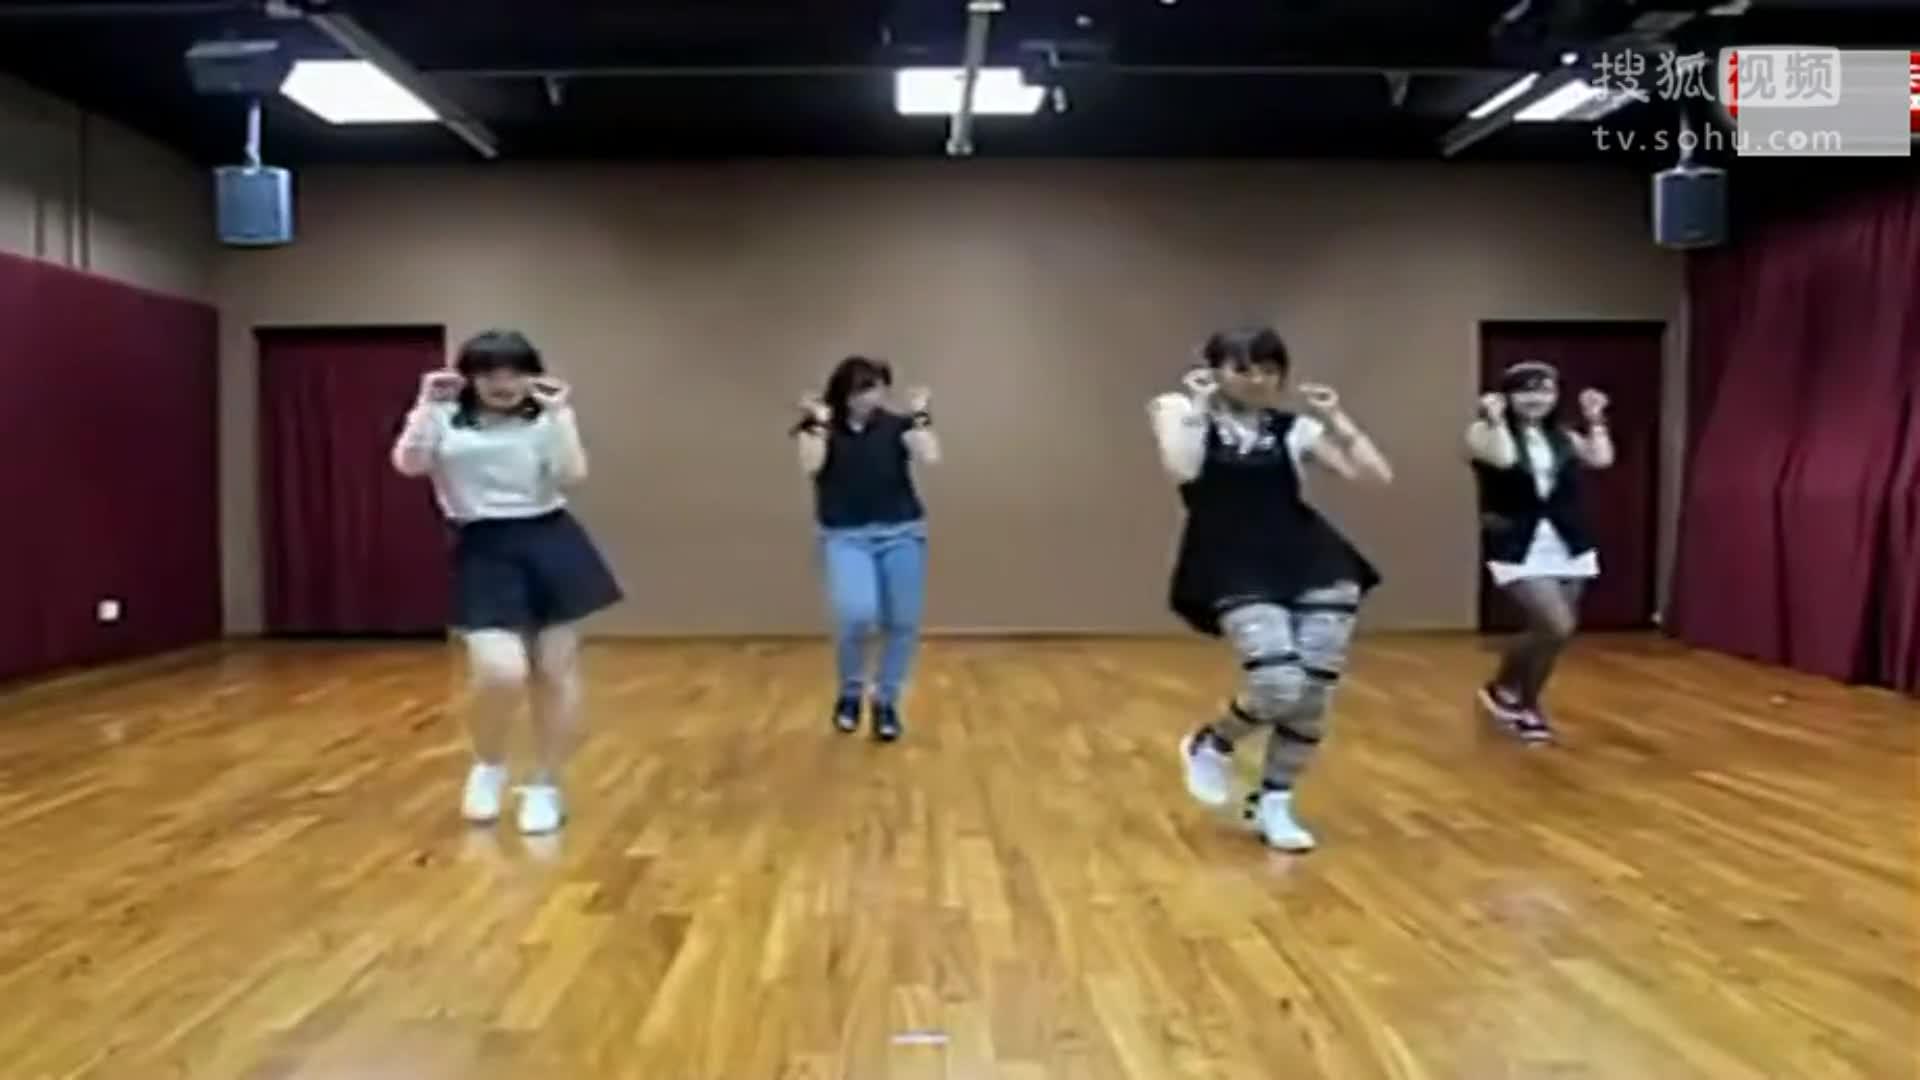 现代舞蹈教学视频 最简单的现代舞